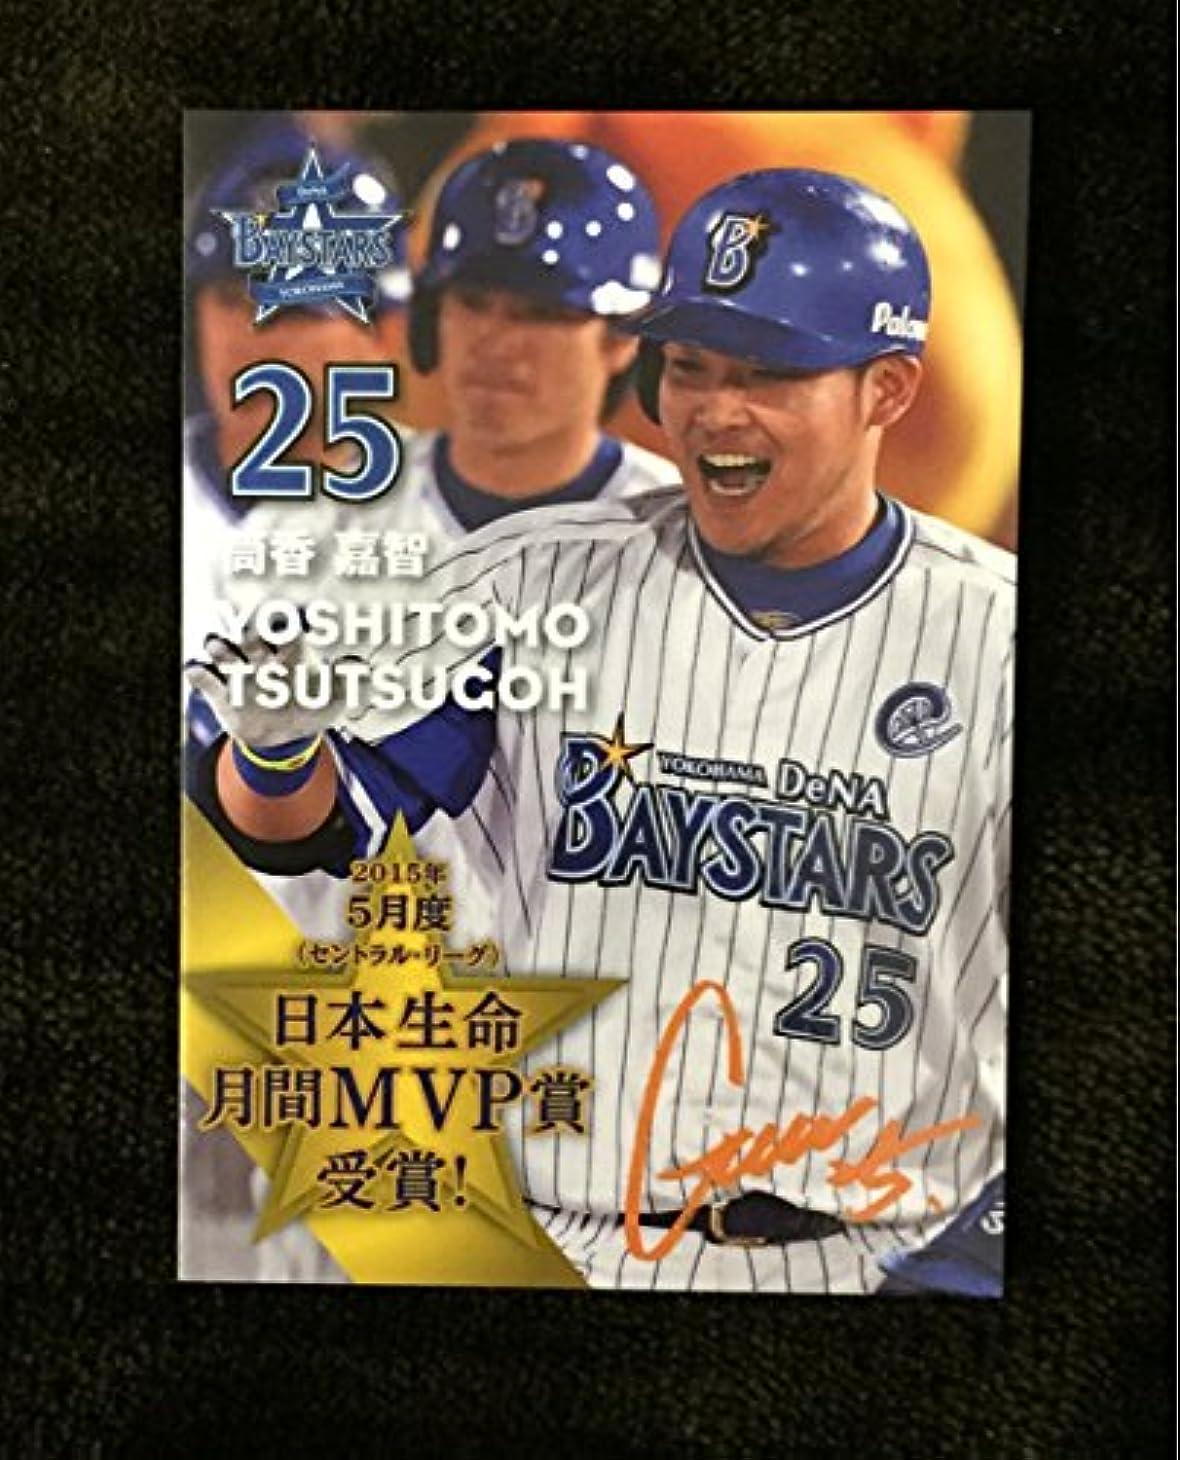 ほぼコインおばあさん横浜ベイスターズ 月間MVPカード #25筒香嘉智